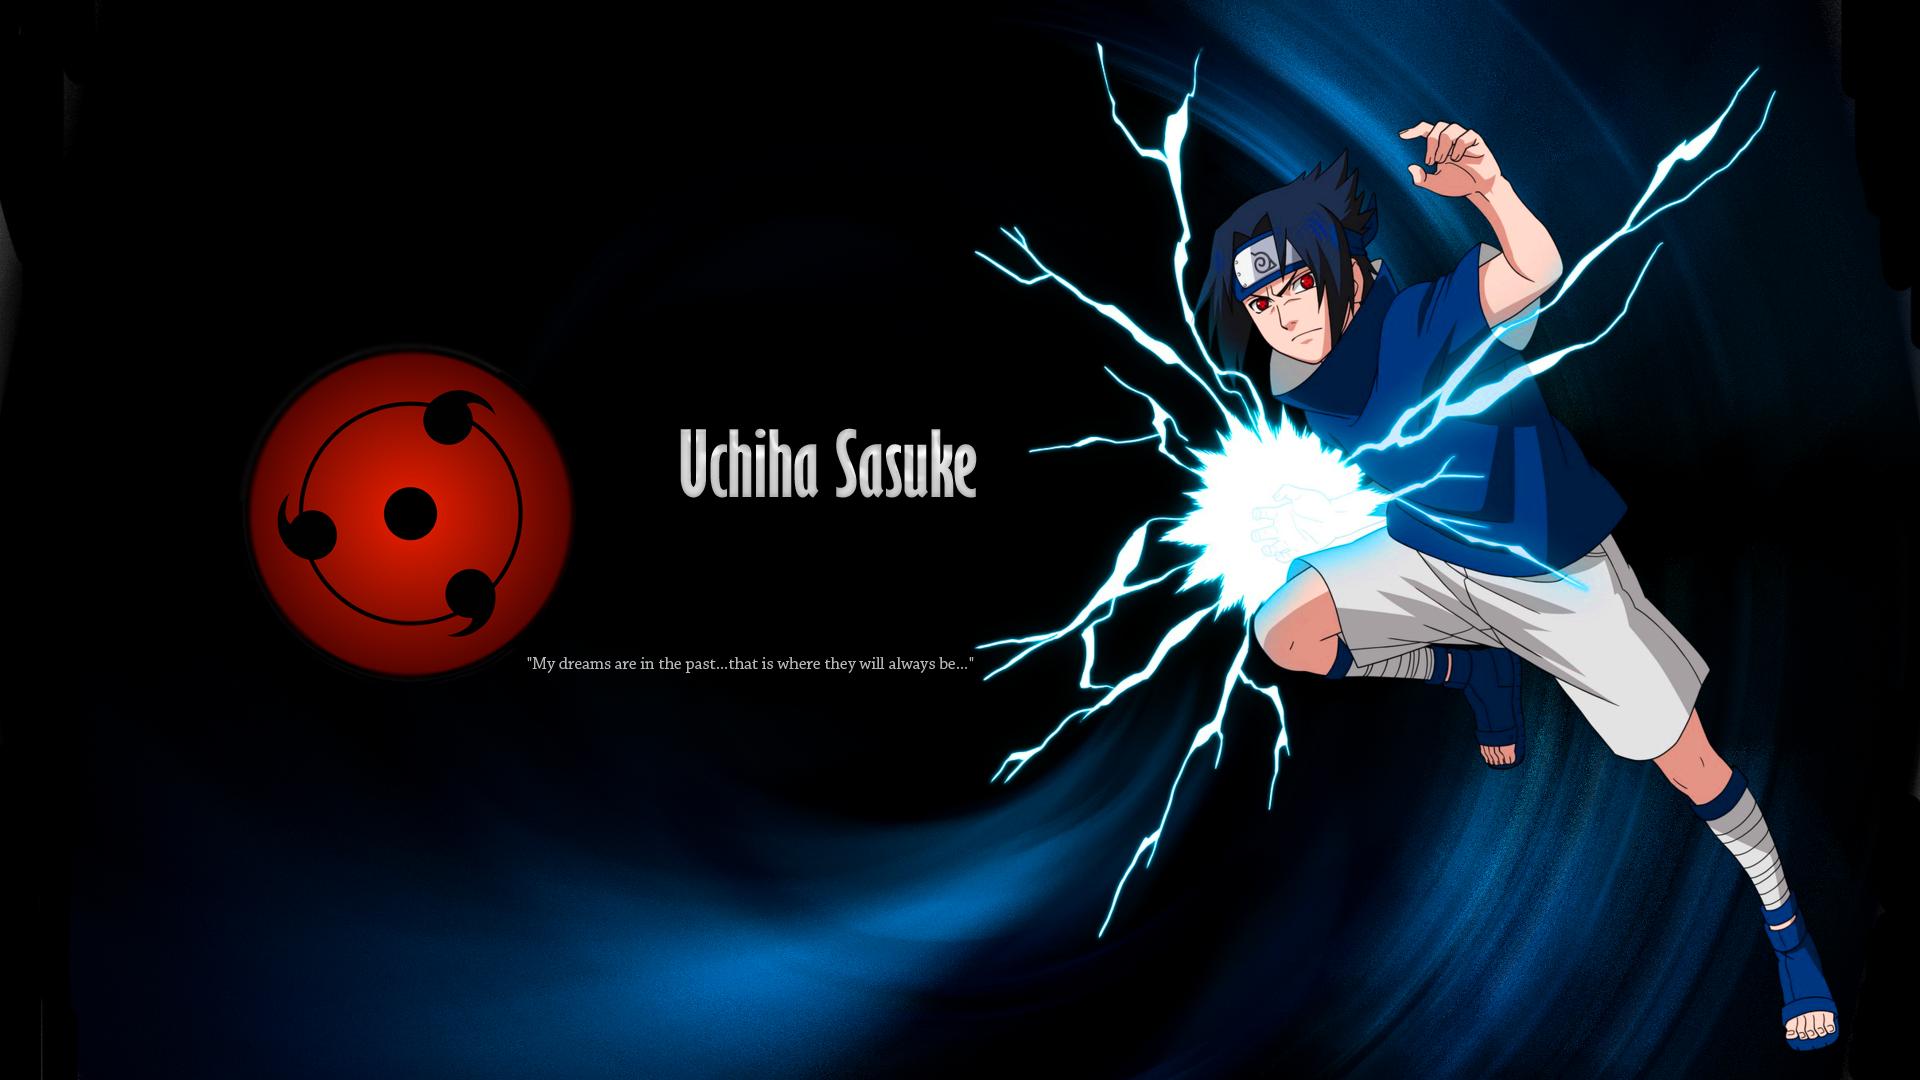 Naruto Shippuden Sasuke Exclusive HD Wallpapers #4617